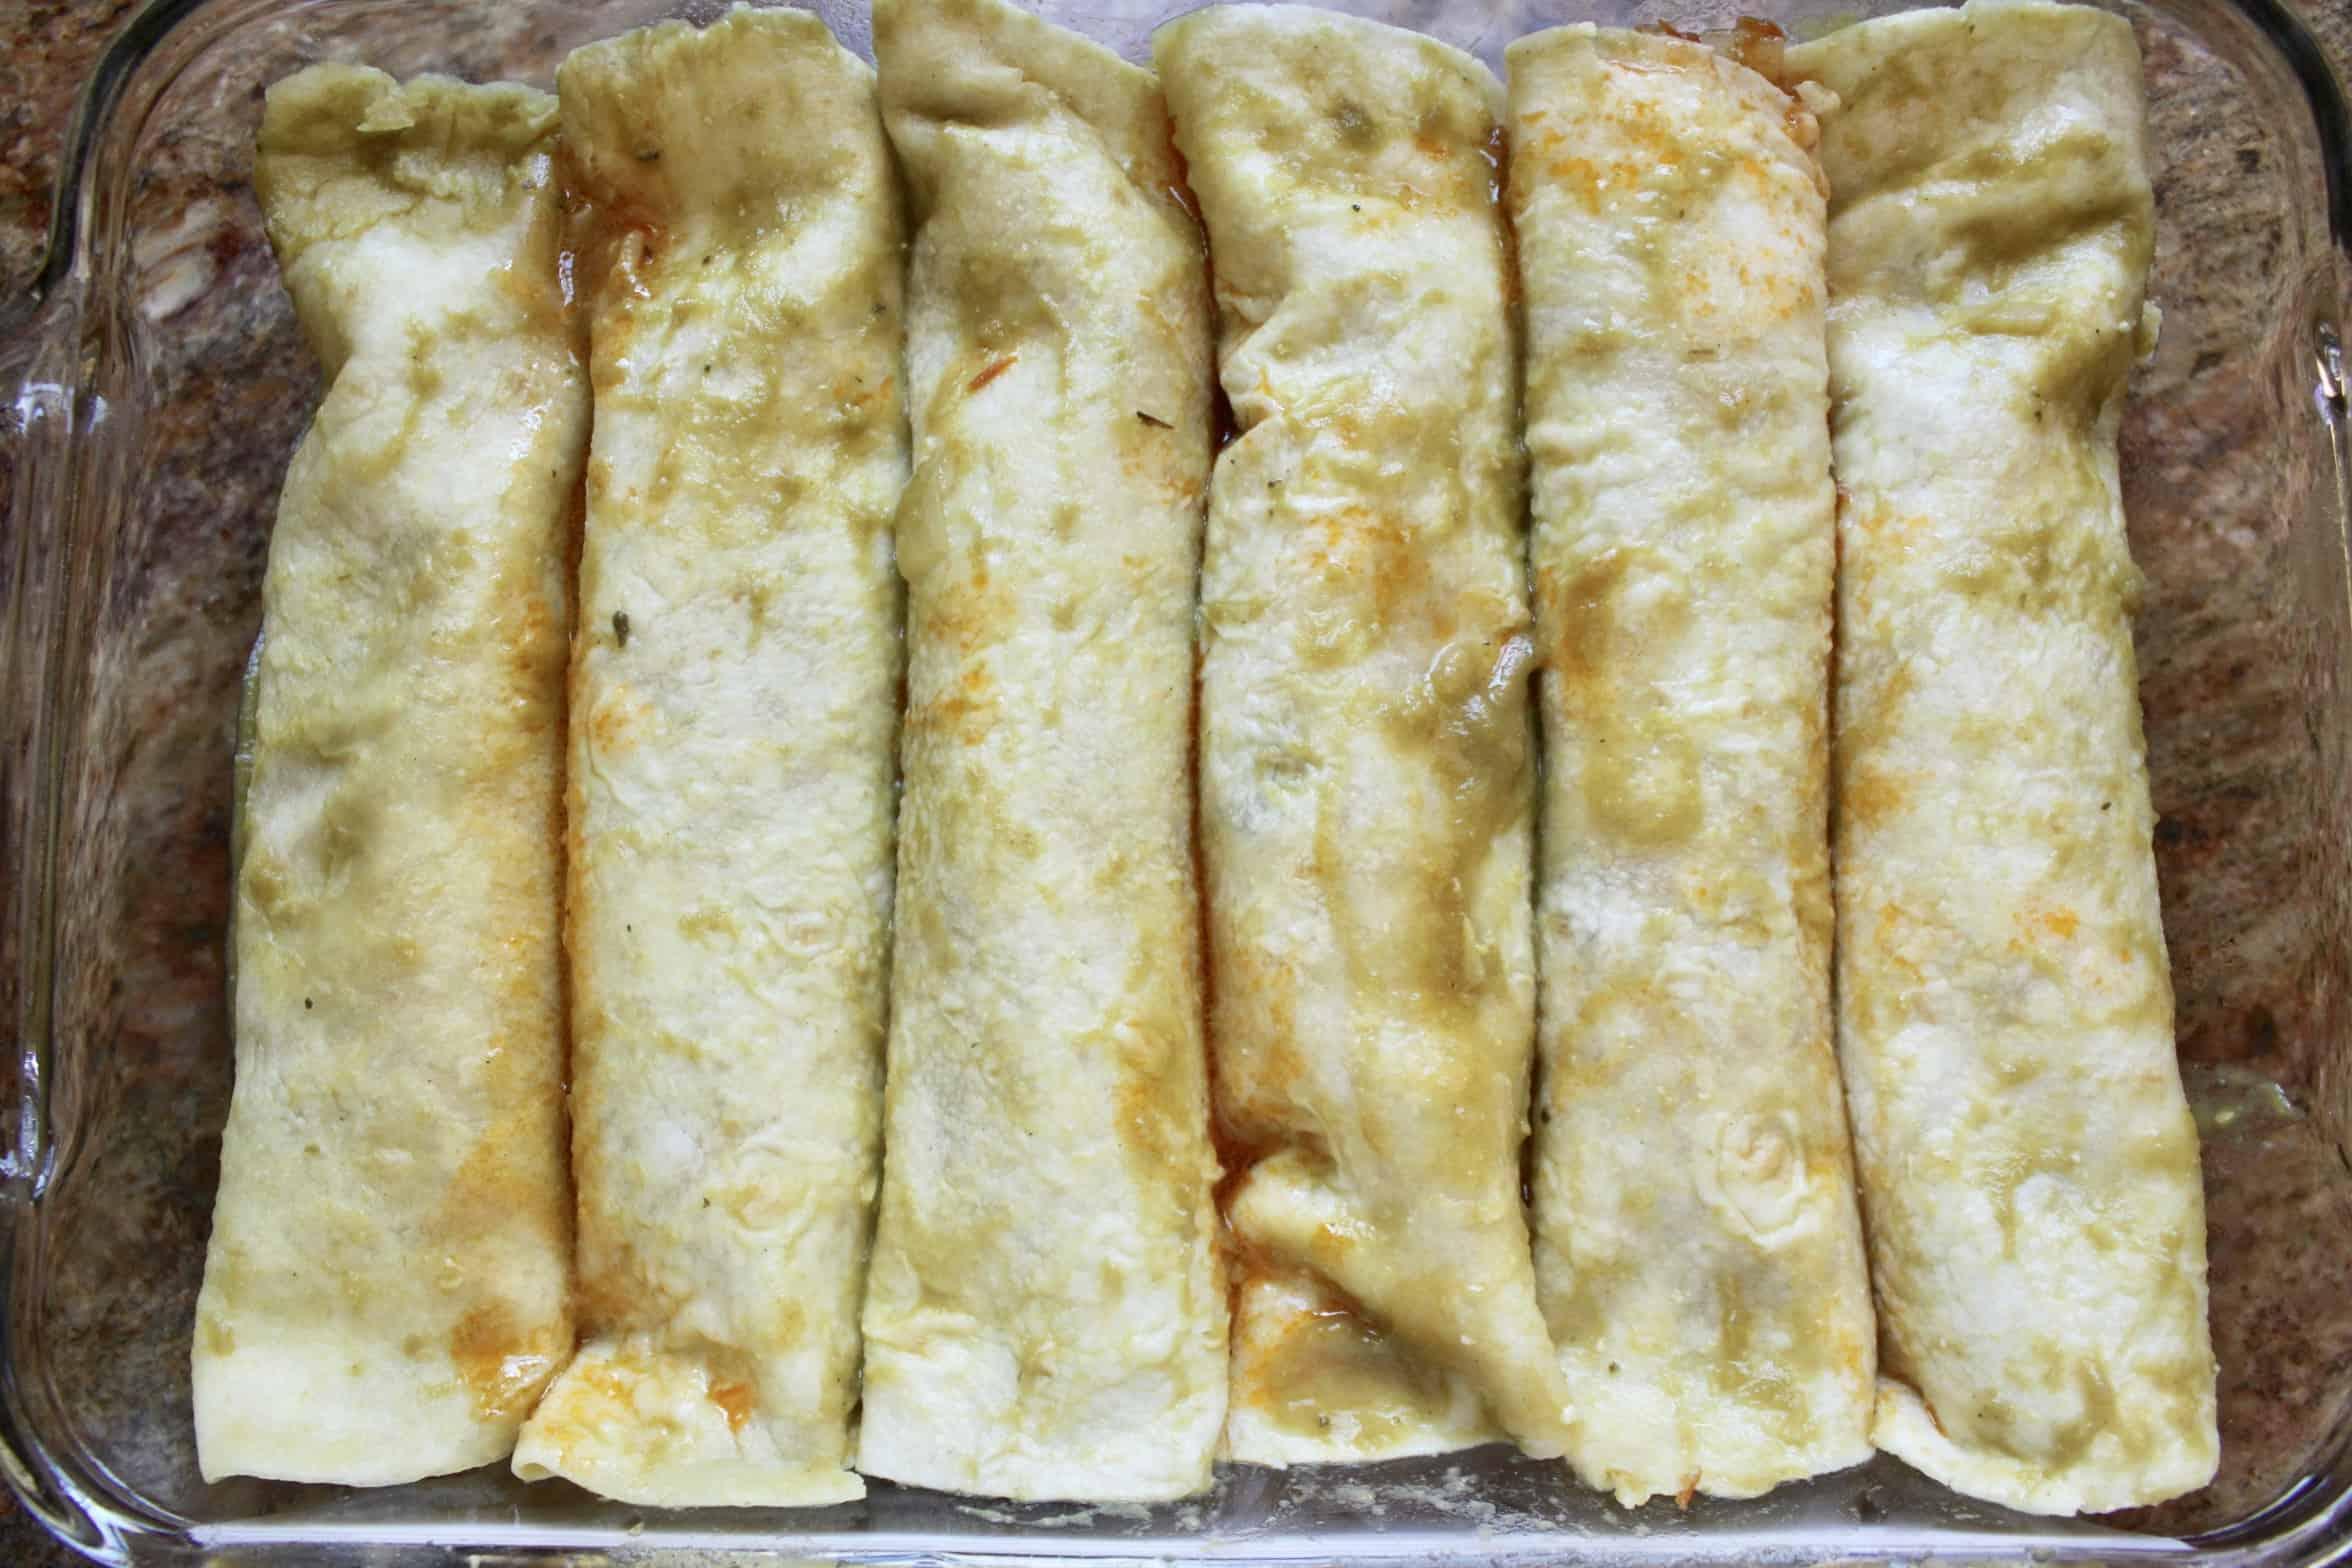 enchiladas in a tray